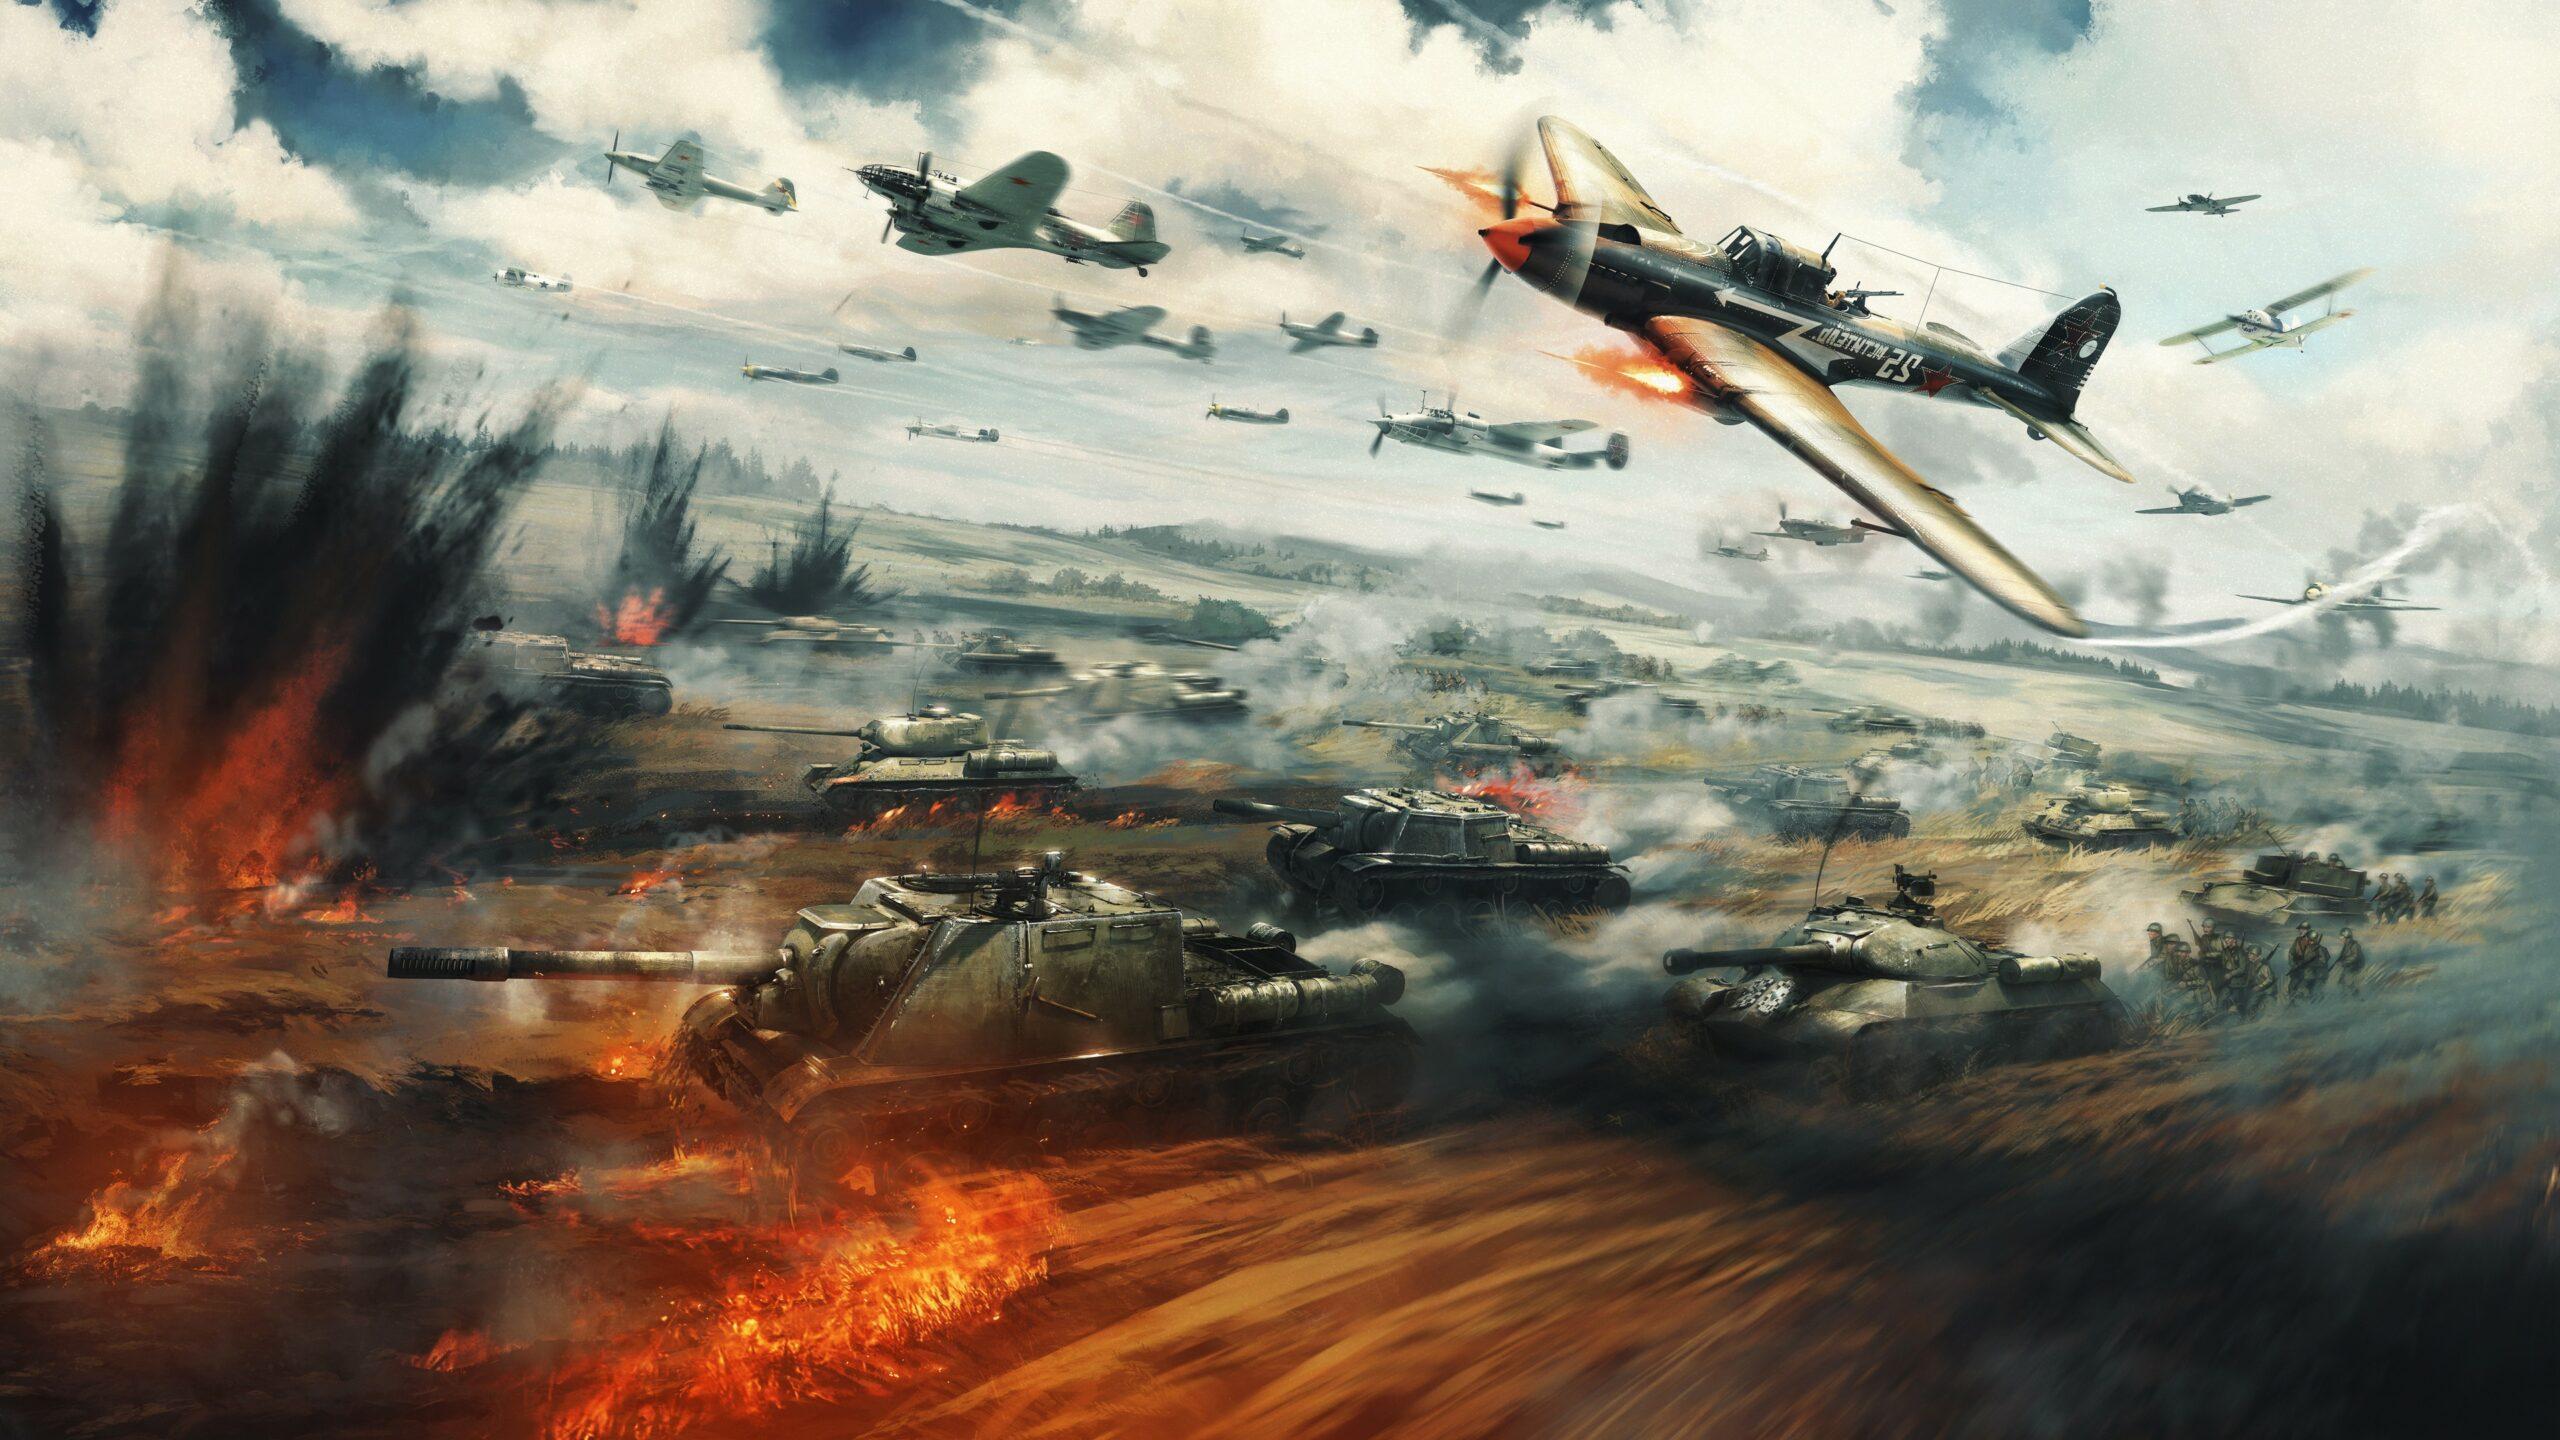 Les batailles navales et les hélicoptères entrent en jeu !